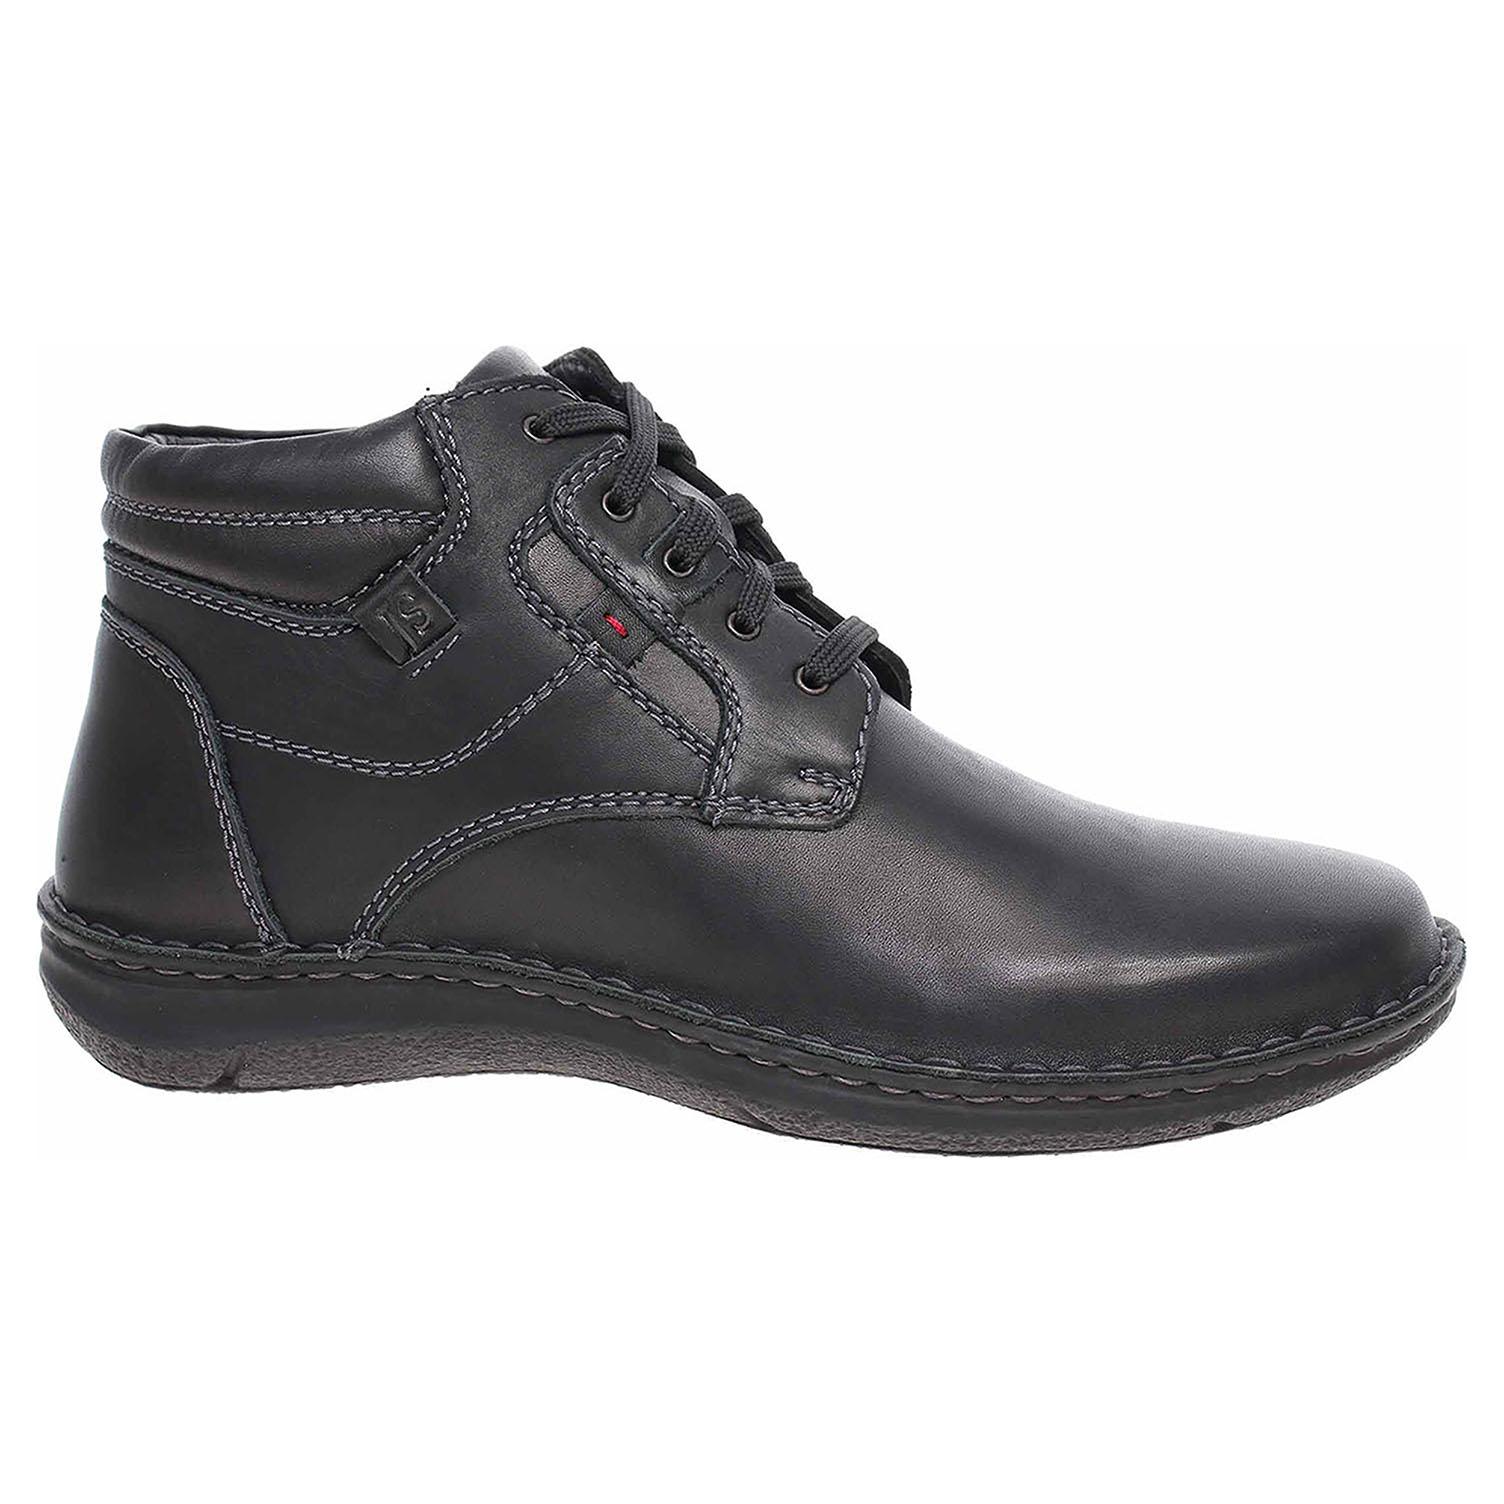 Pánská kotníková obuv Josef Seibel 43340 PL950100 schwarz 43340 PL950 100 42